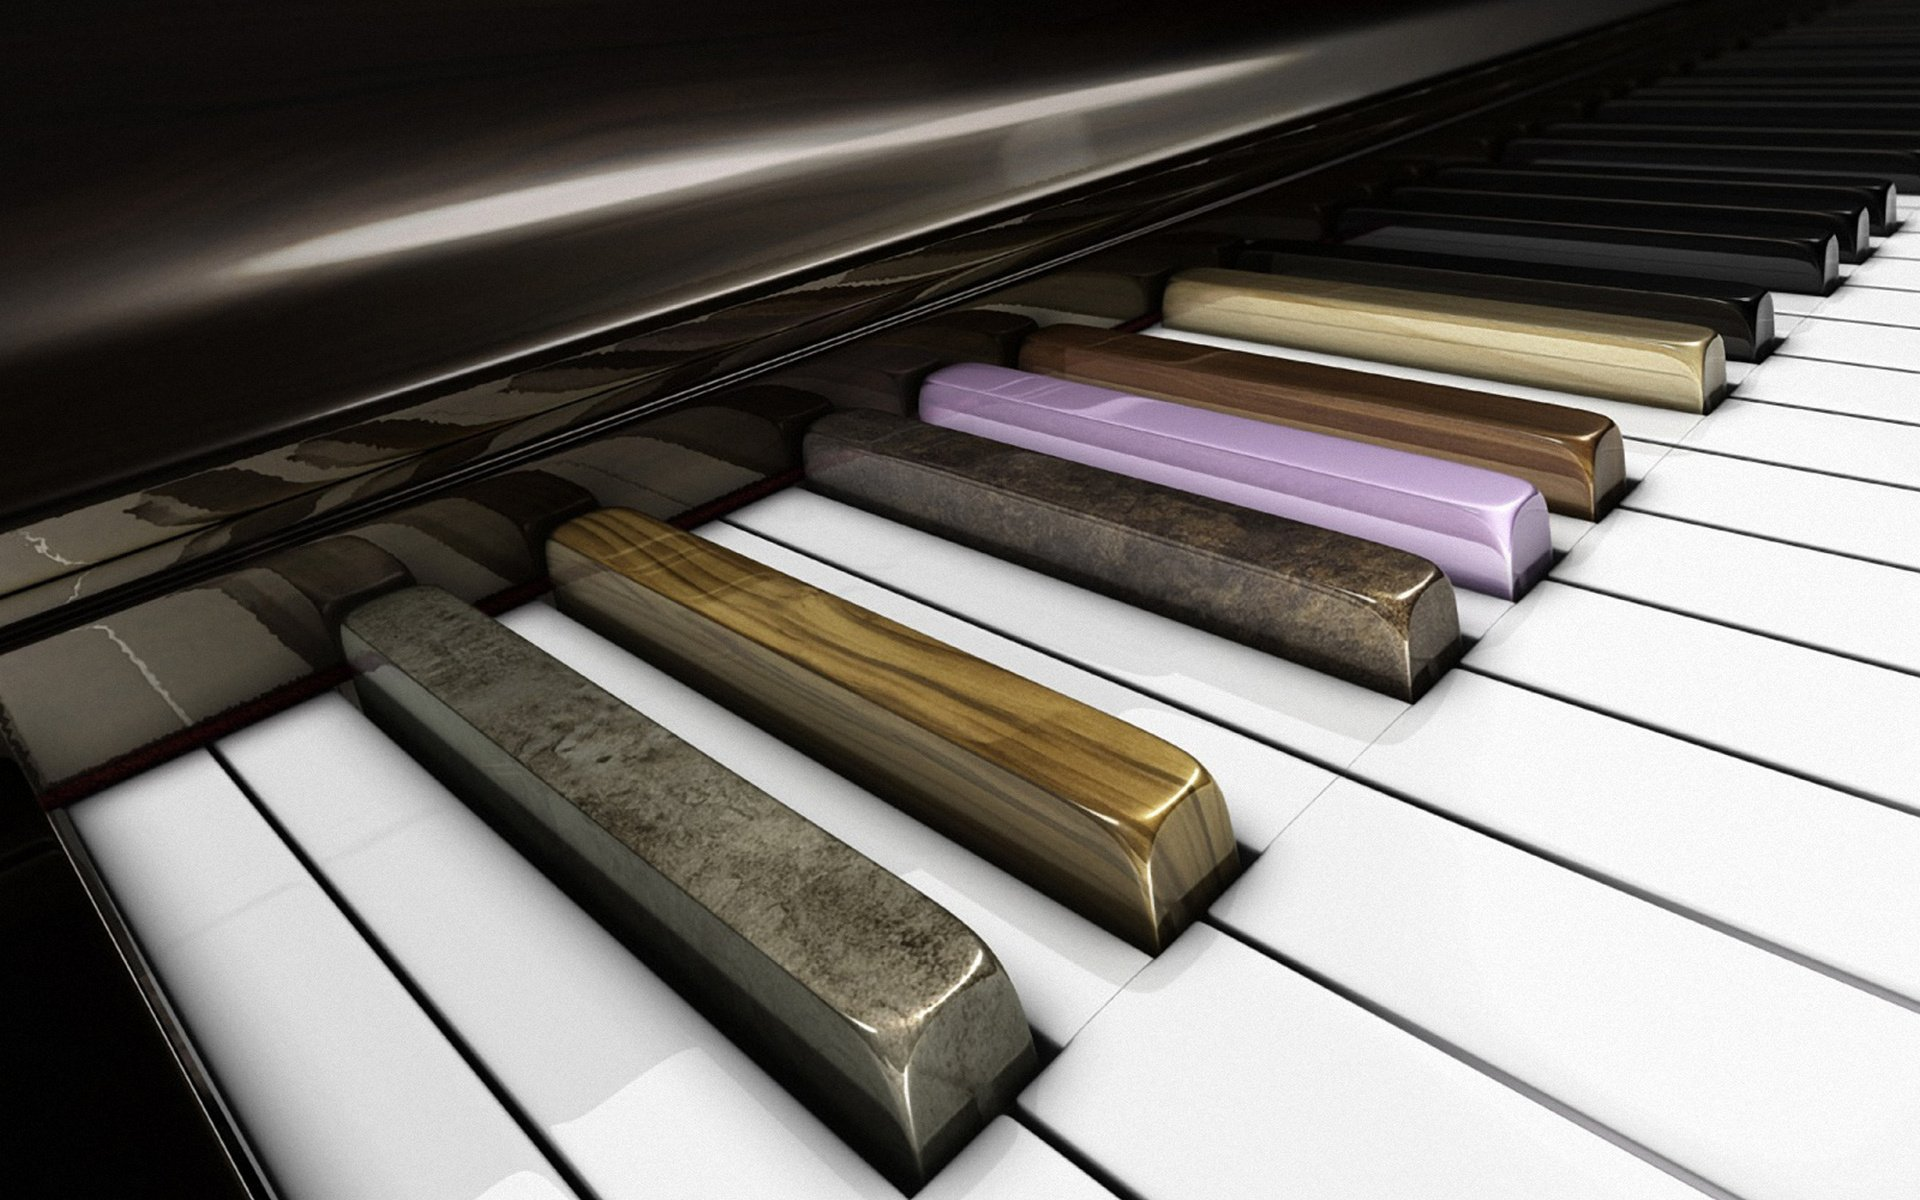 выдохе картинки фортепиано на телефон производится сразу приезду